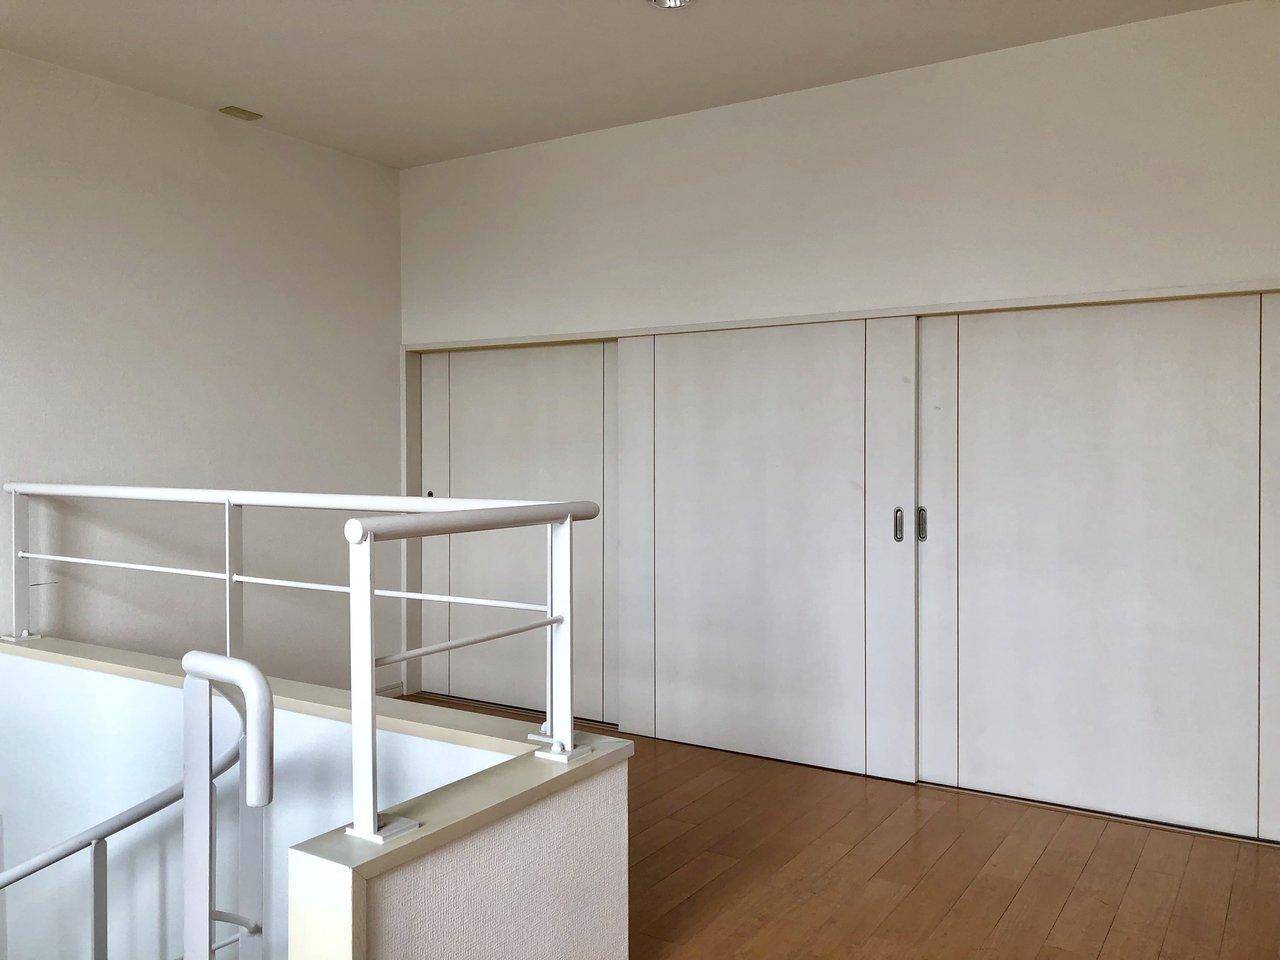 階段を登ると、寝室にちょうど良さそうな5畳の空間。